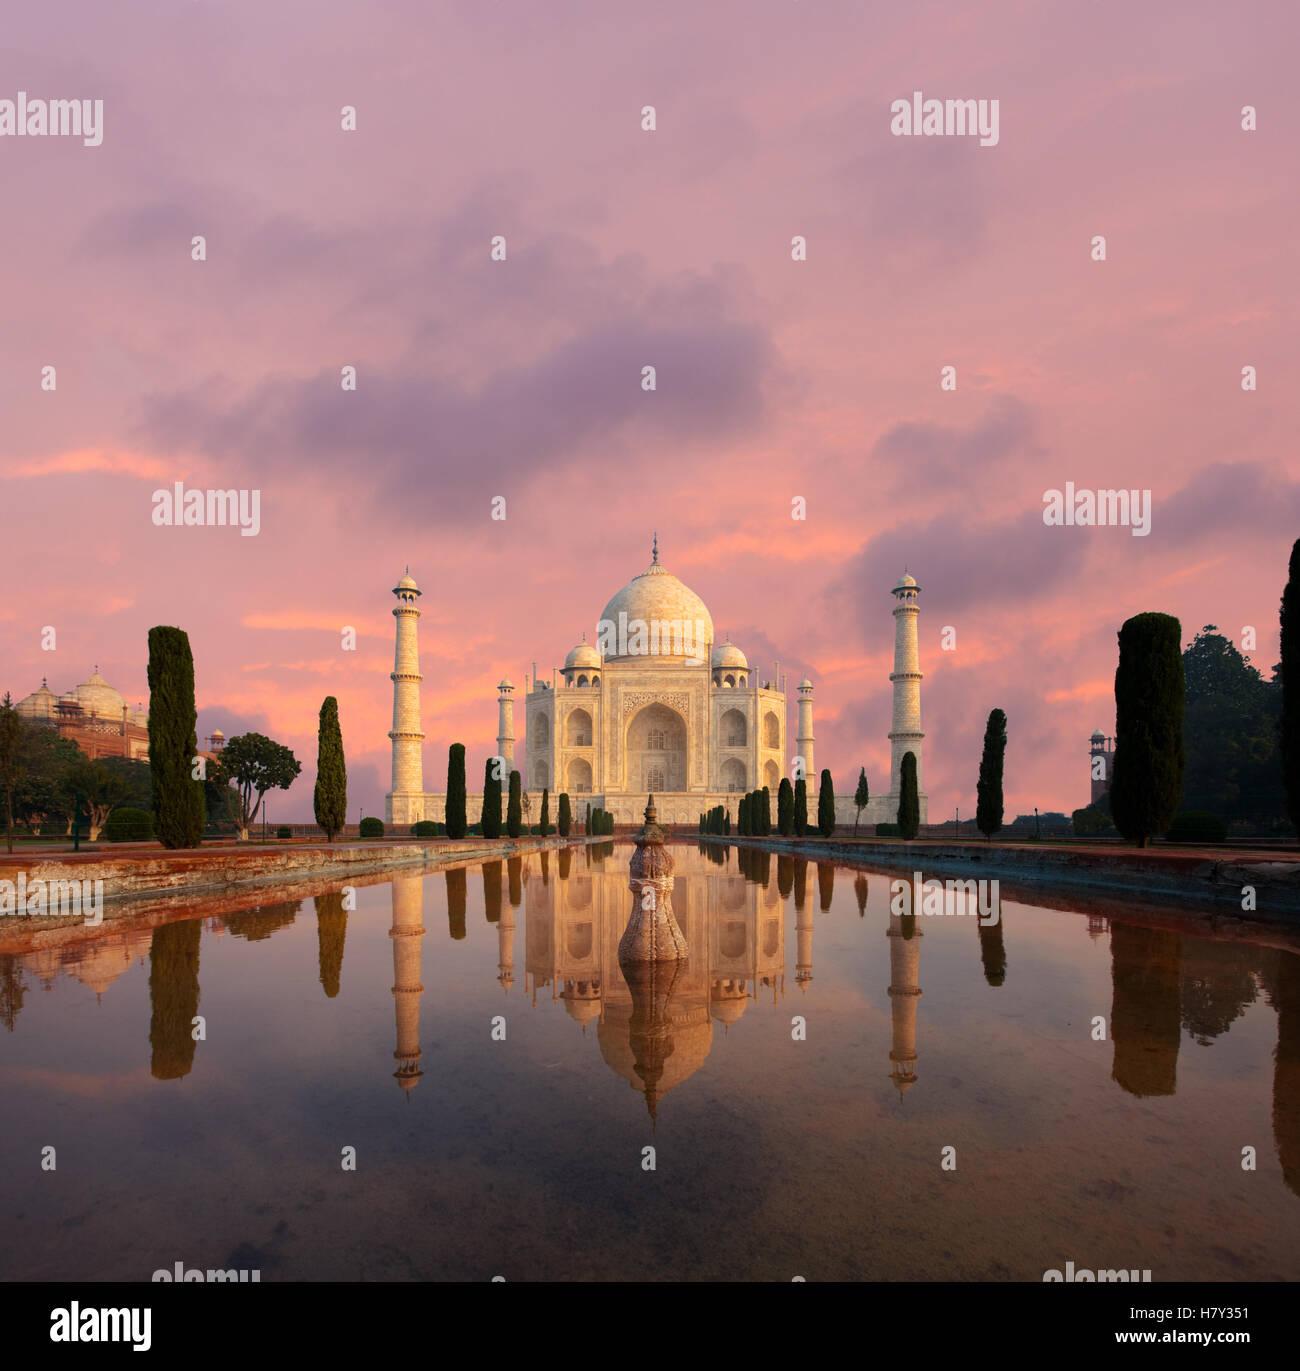 Personne ne présente que Taj Mahal brille magnifiquement au coucher du soleil reflétée dans l'eau Photo Stock